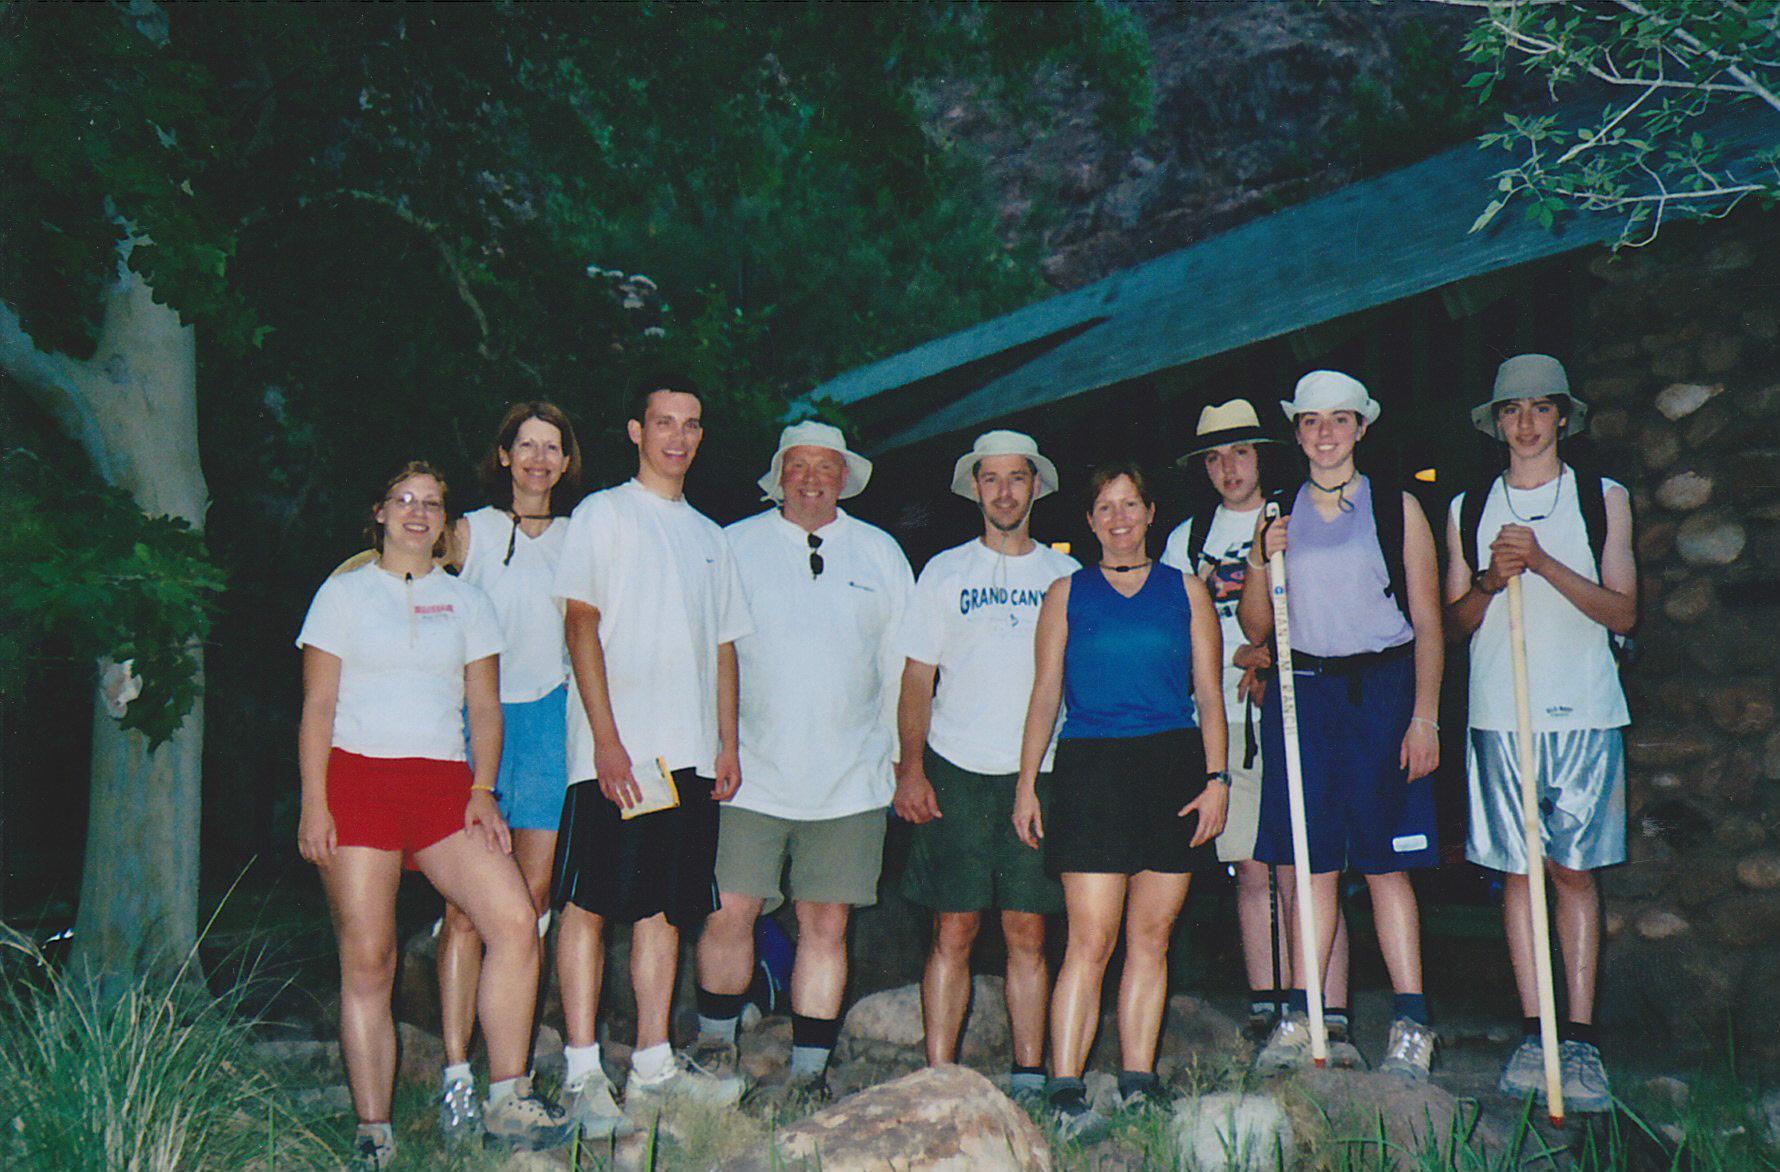 A Family gathering at Grand Canyon Phantom ranch